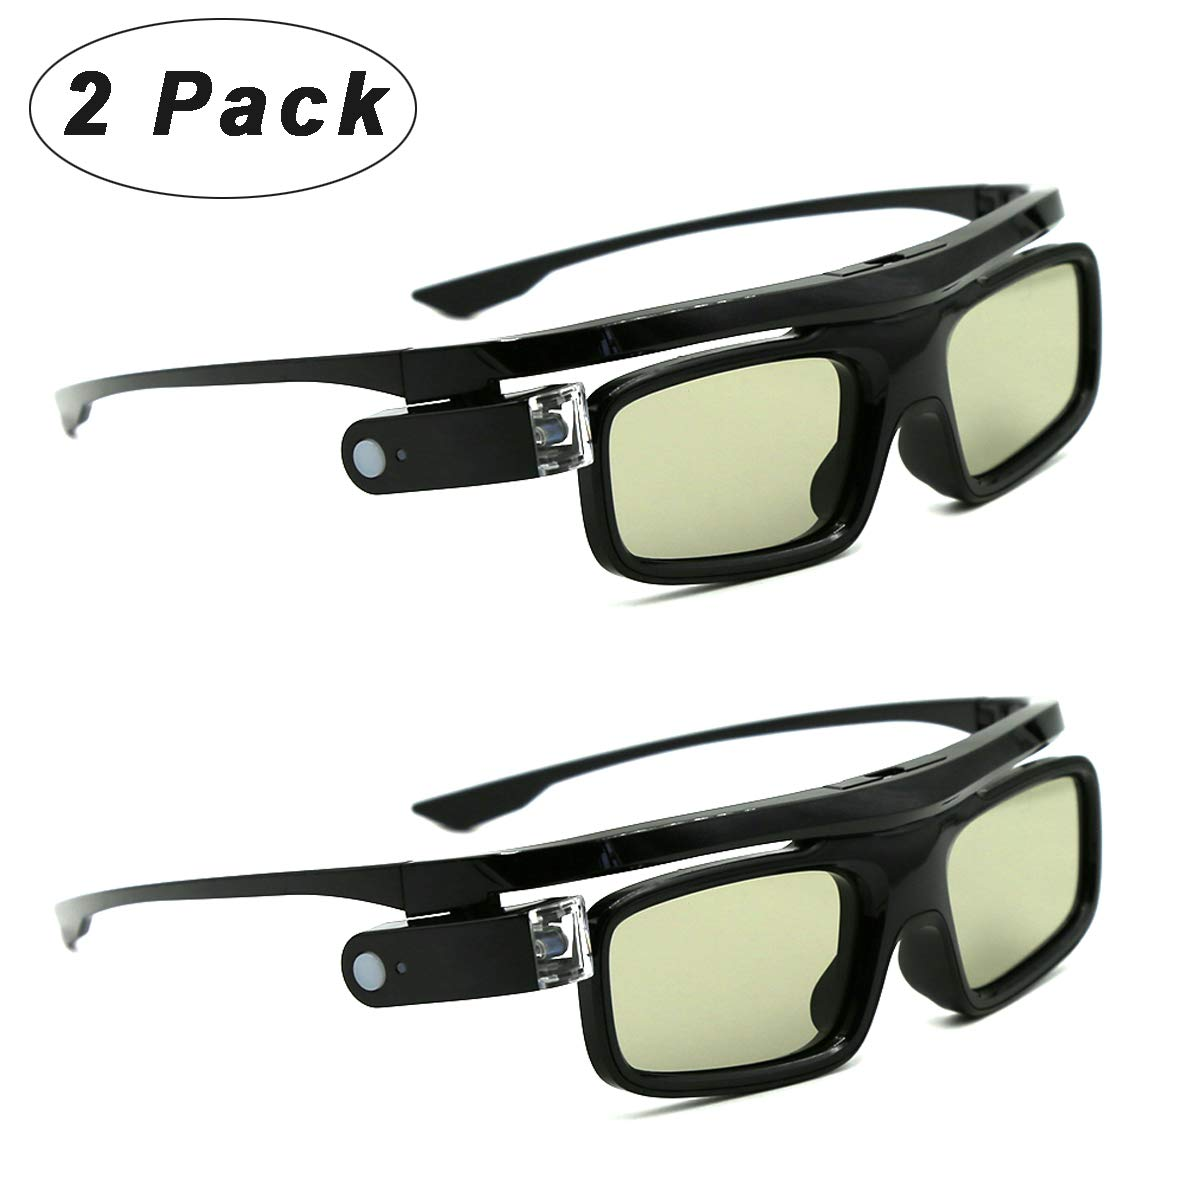 Glasses Shutter Rechargeable DLP Link Projectors